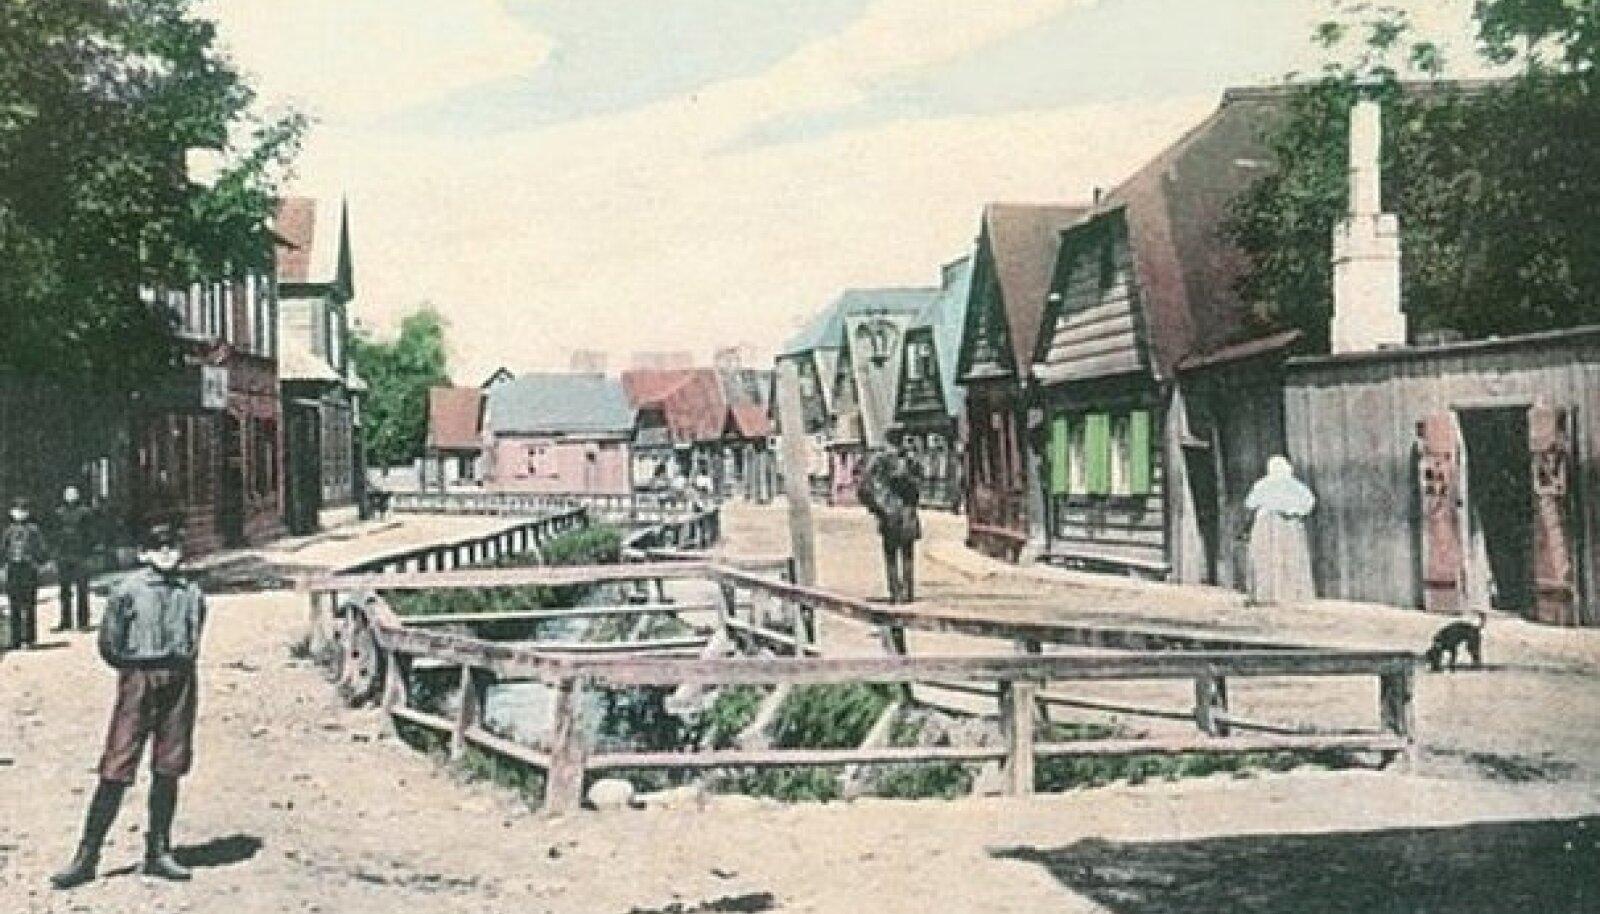 Härjapea jõega on seotud Jõe tänav Tallinnas. Foto pärineb möödunud sajandi algusest.